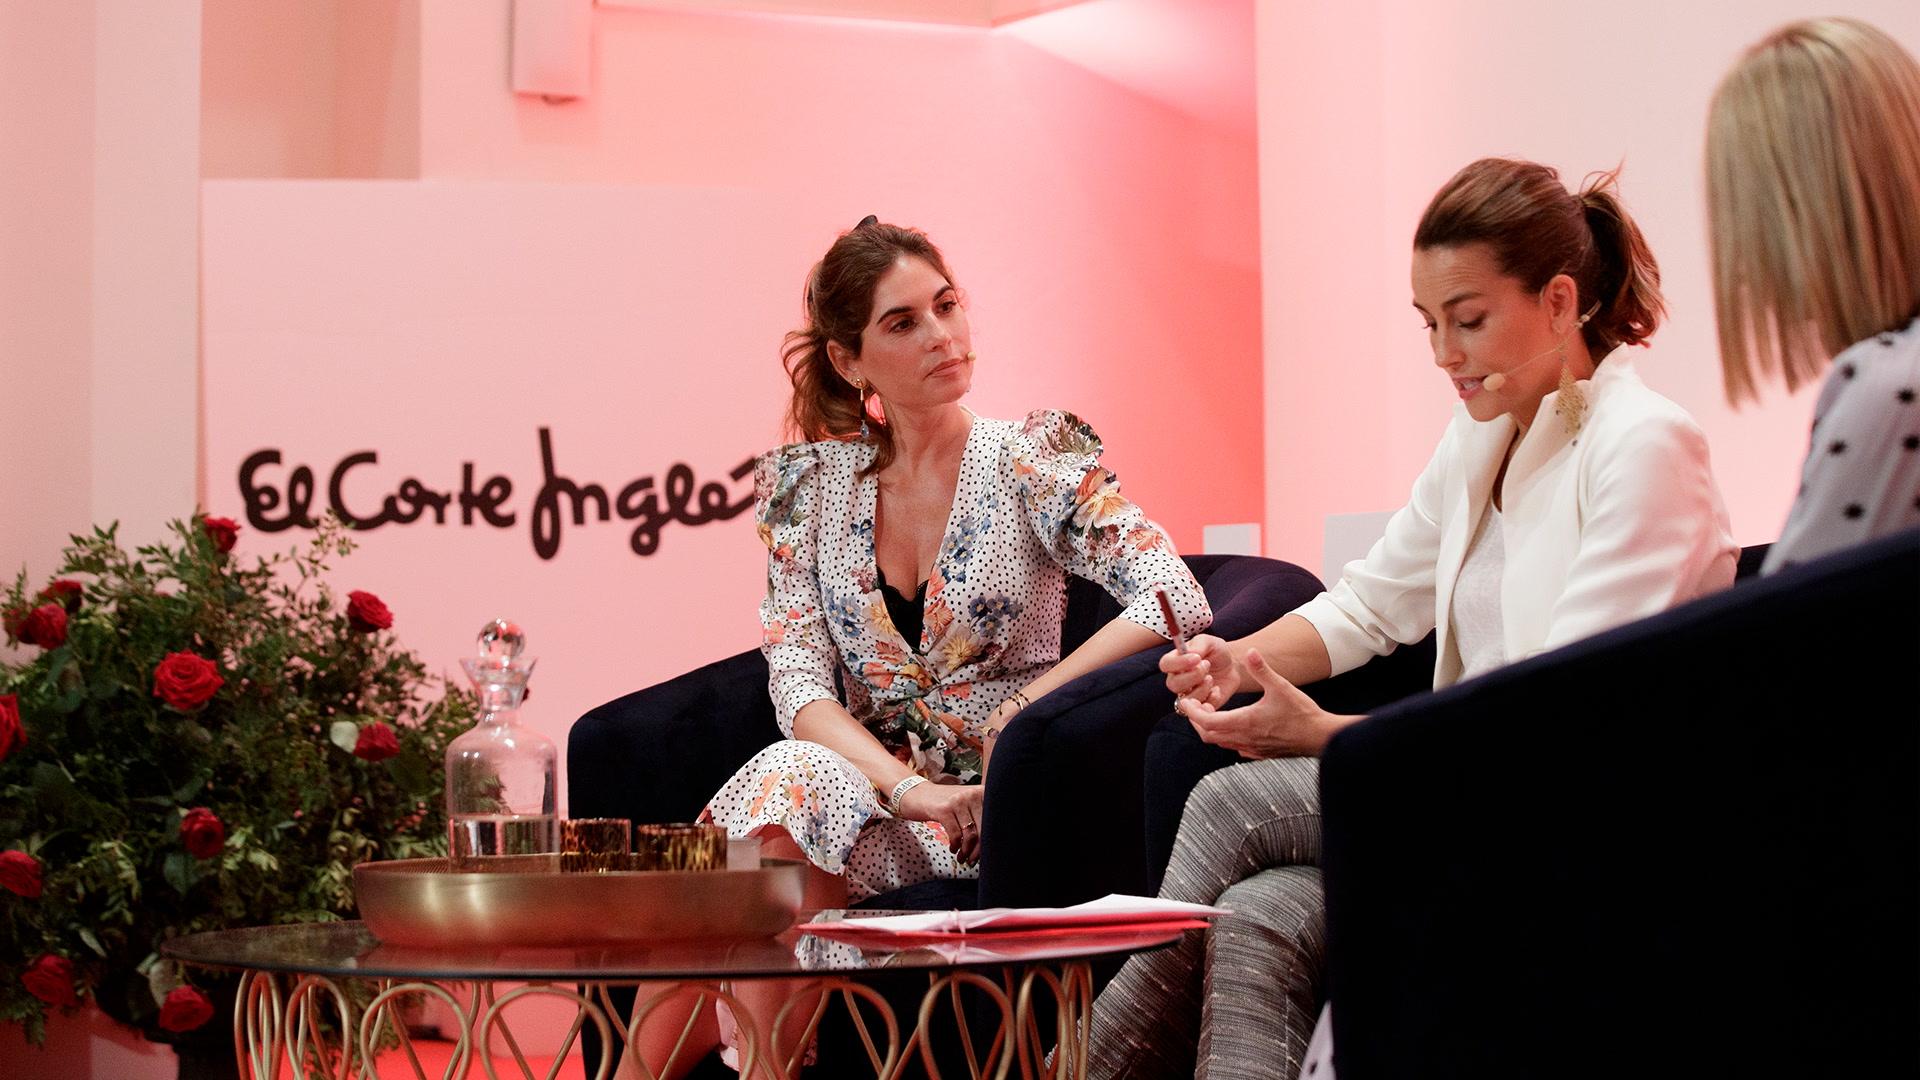 Lourdes Montes y Cristina Reyes hablan de moda y estilismo